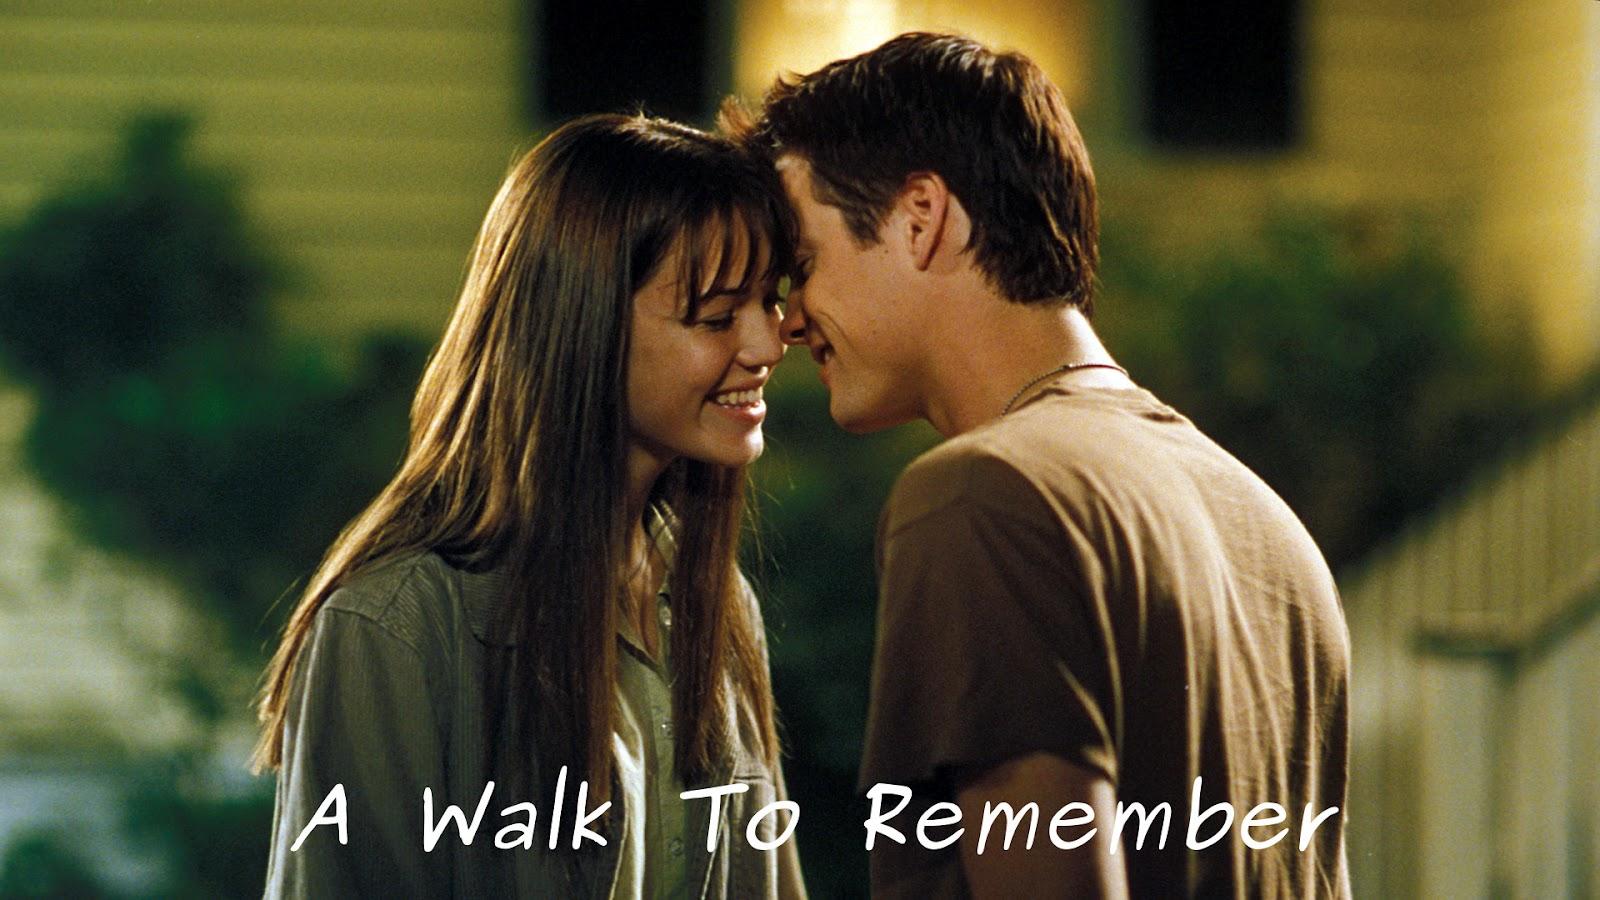 http://1.bp.blogspot.com/-9ecSHZg7bCM/UEsyugvpjLI/AAAAAAAAArc/sGcNNFo7zPU/s1600/a-walk-to-remember-original.jpg